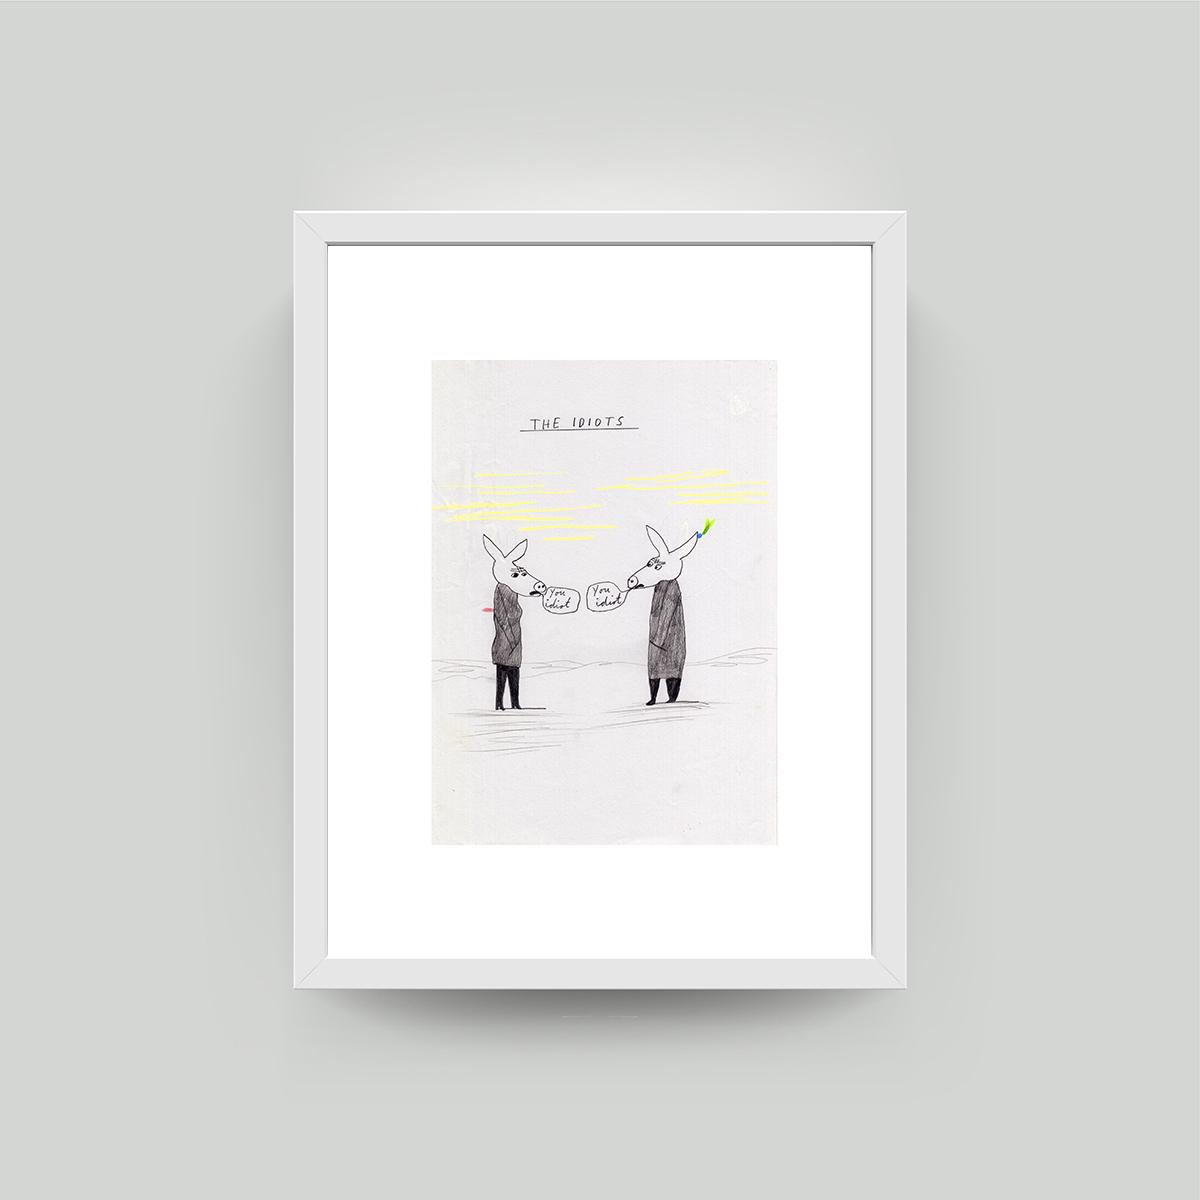 paul davis framed art print